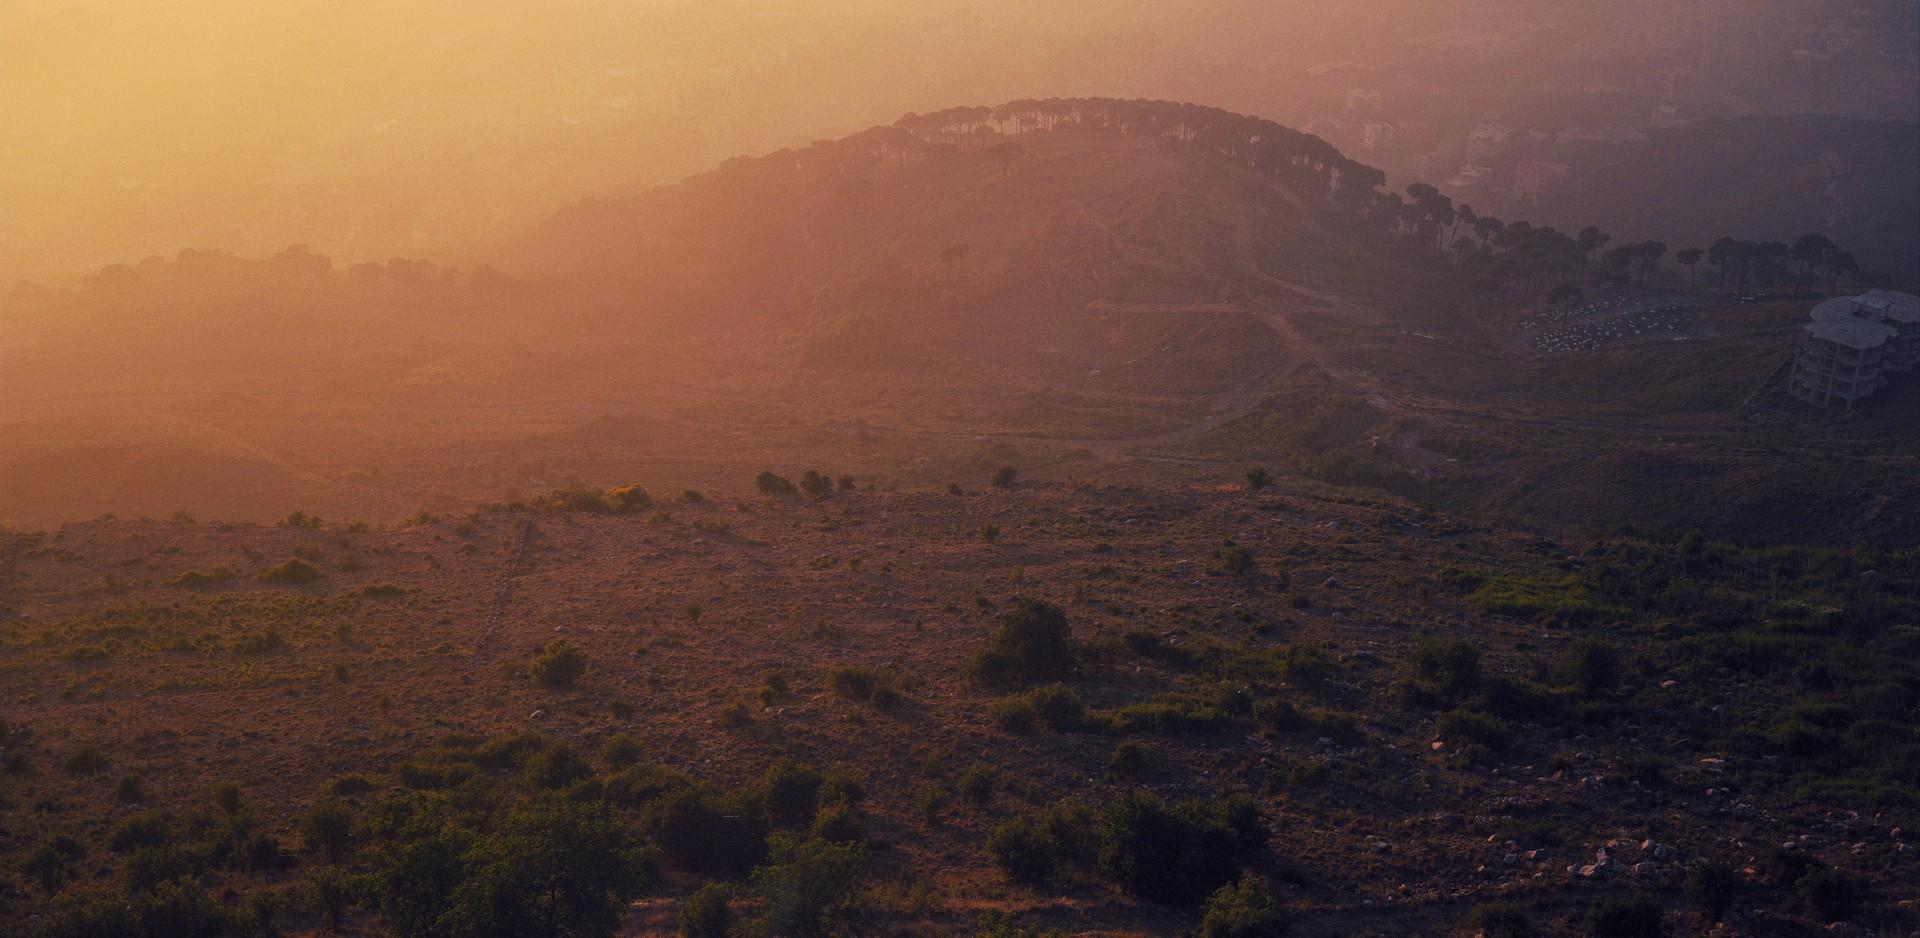 Beirut landscape